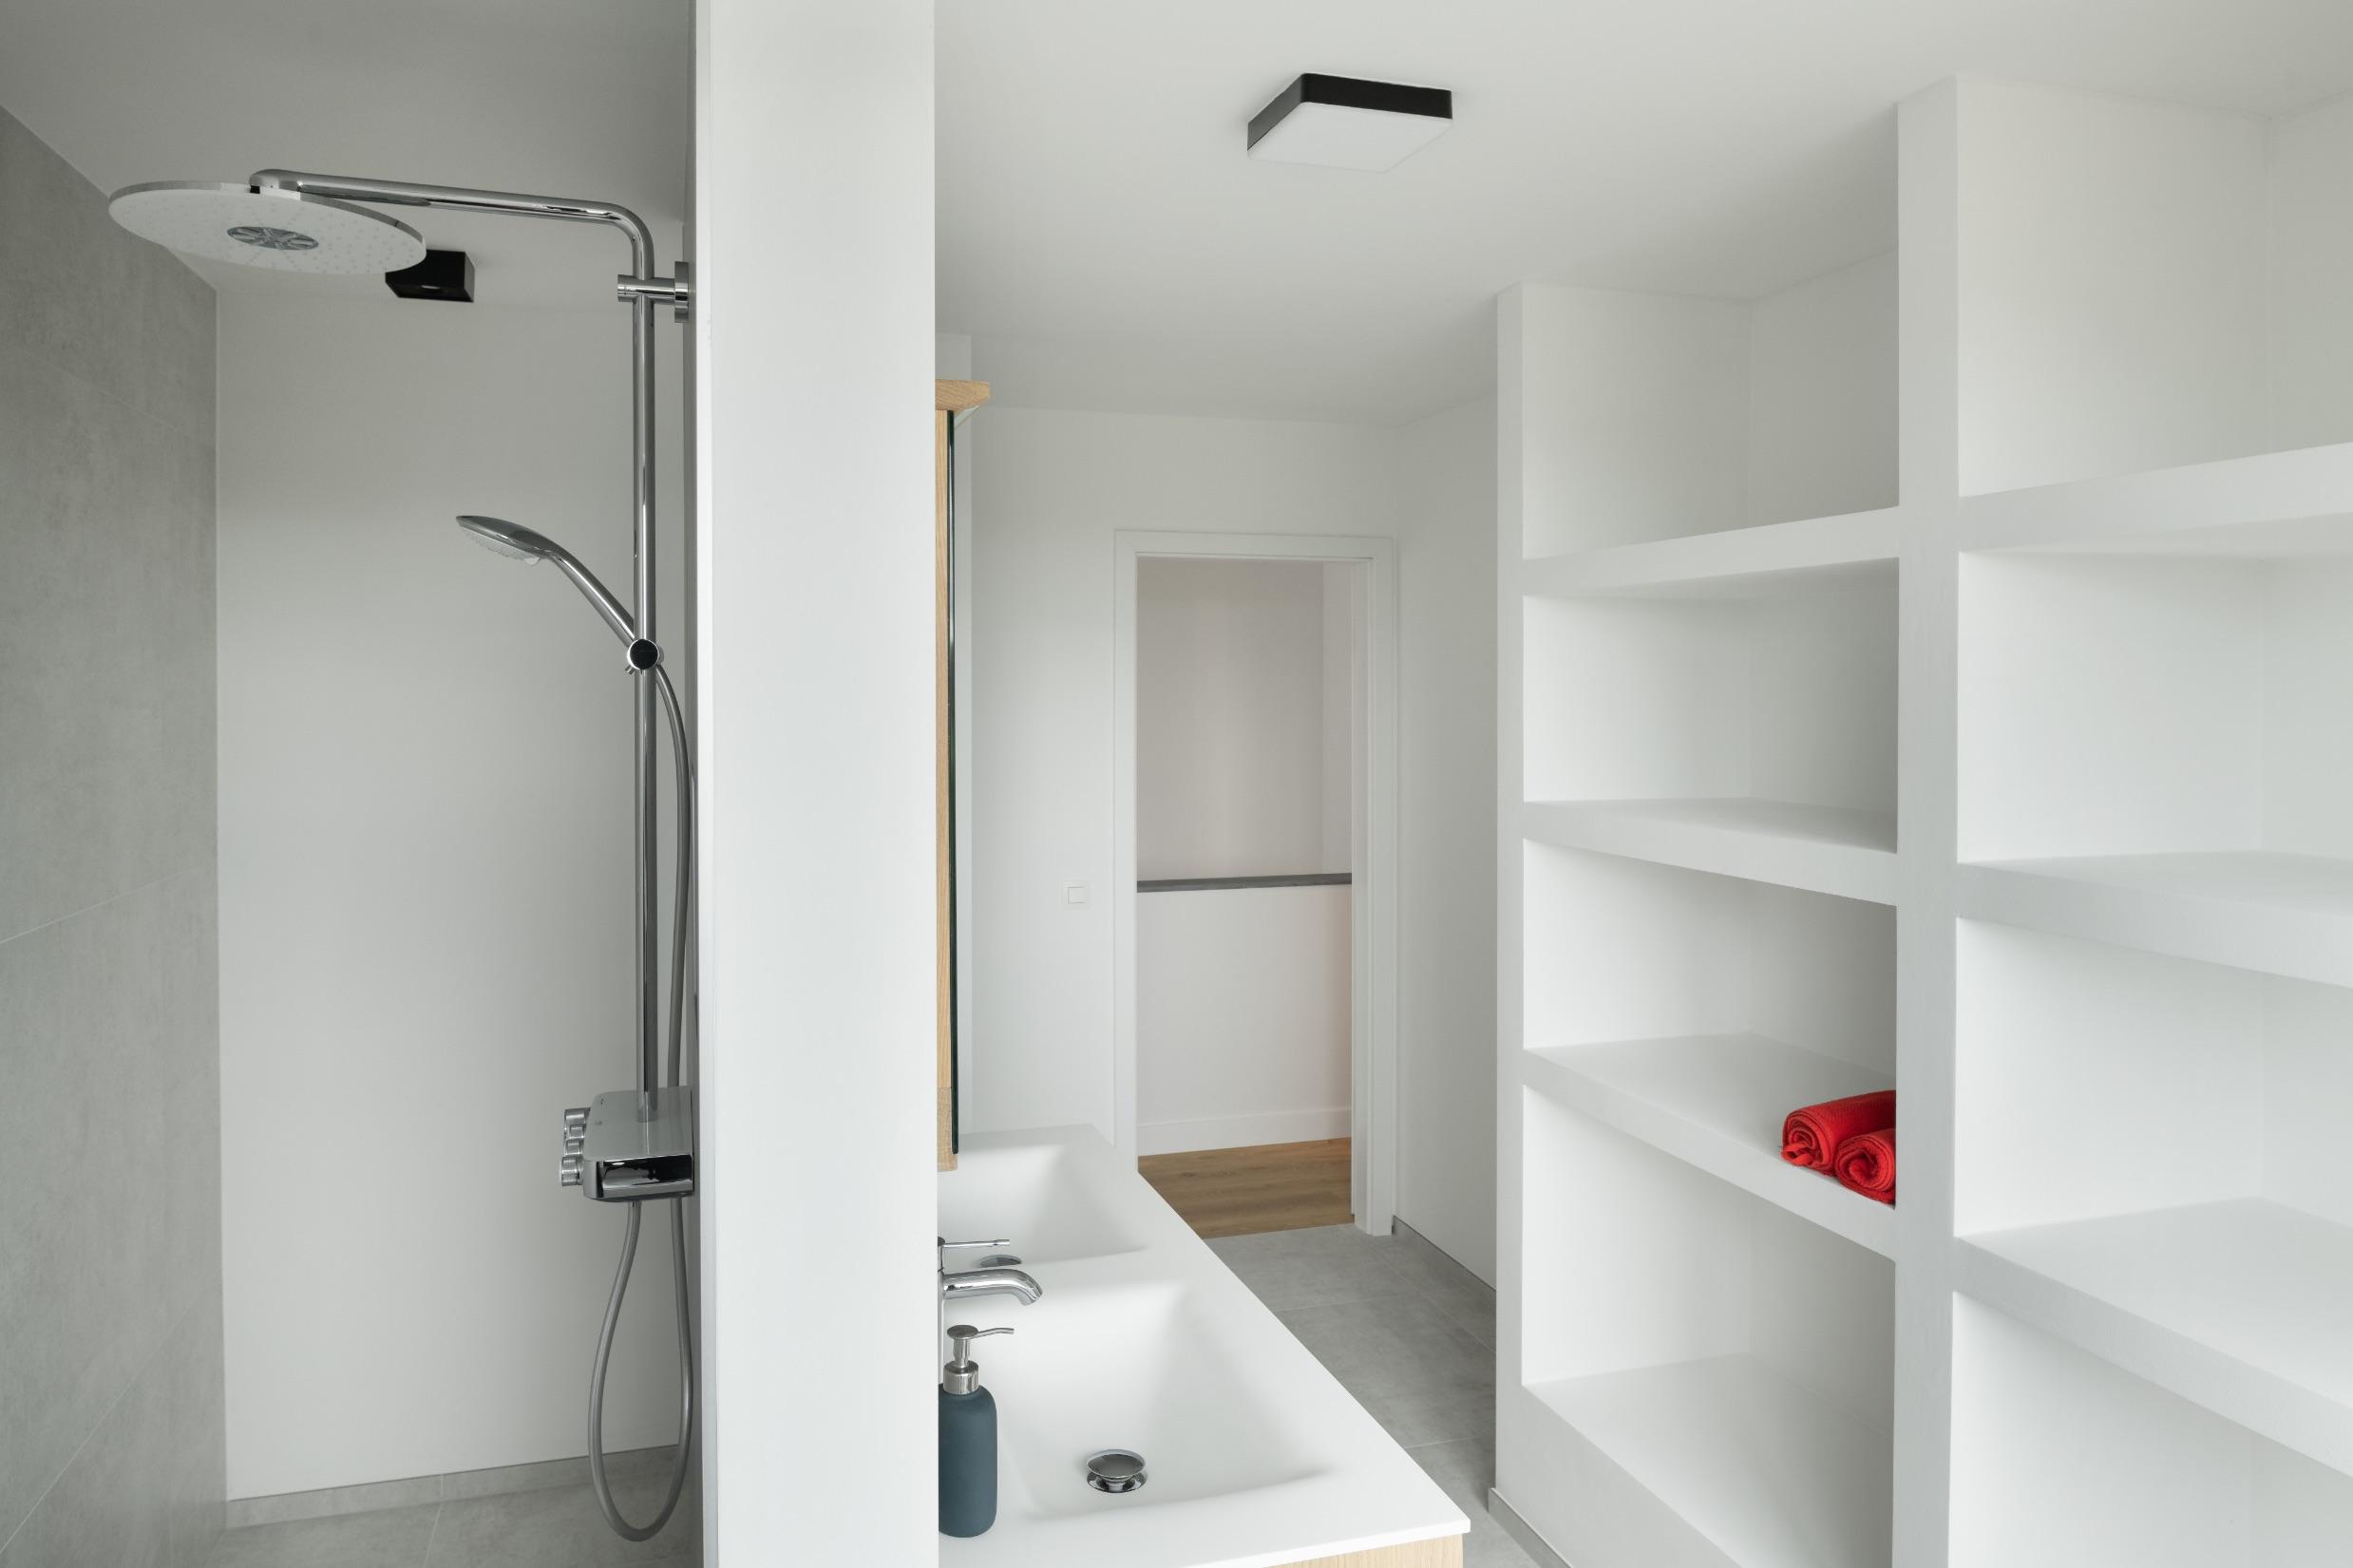 Salle de bain d'une réalisation contemporaine à Hamois